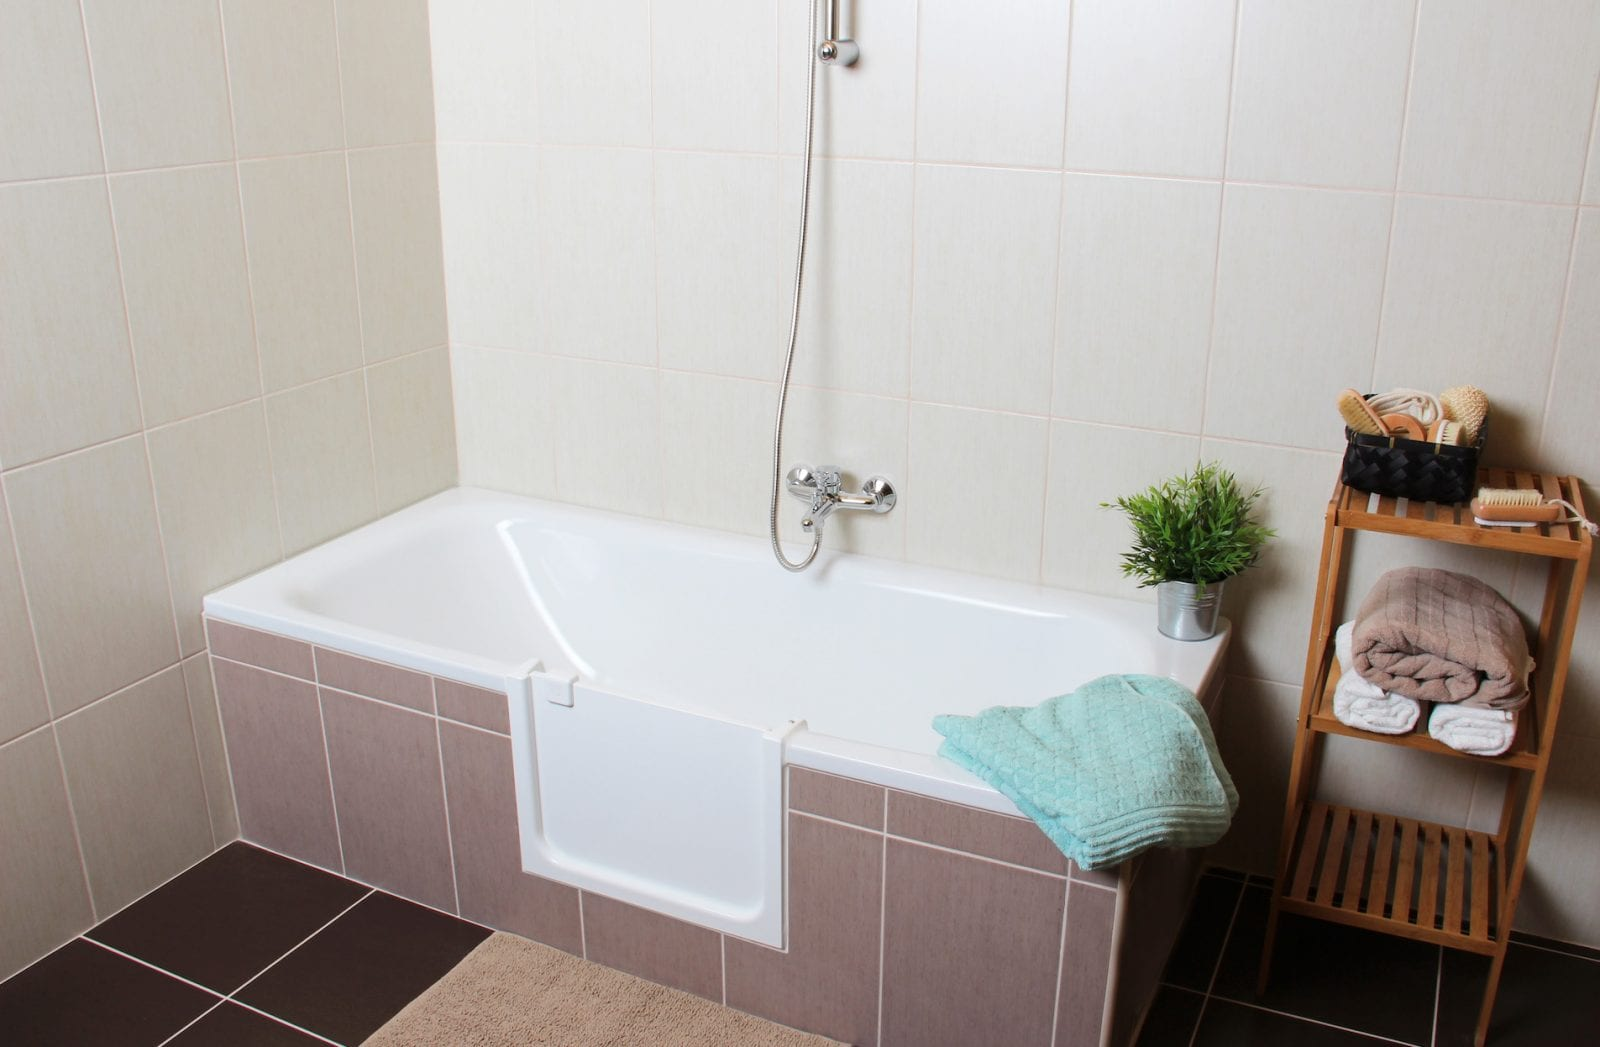 fürdőkádajtó